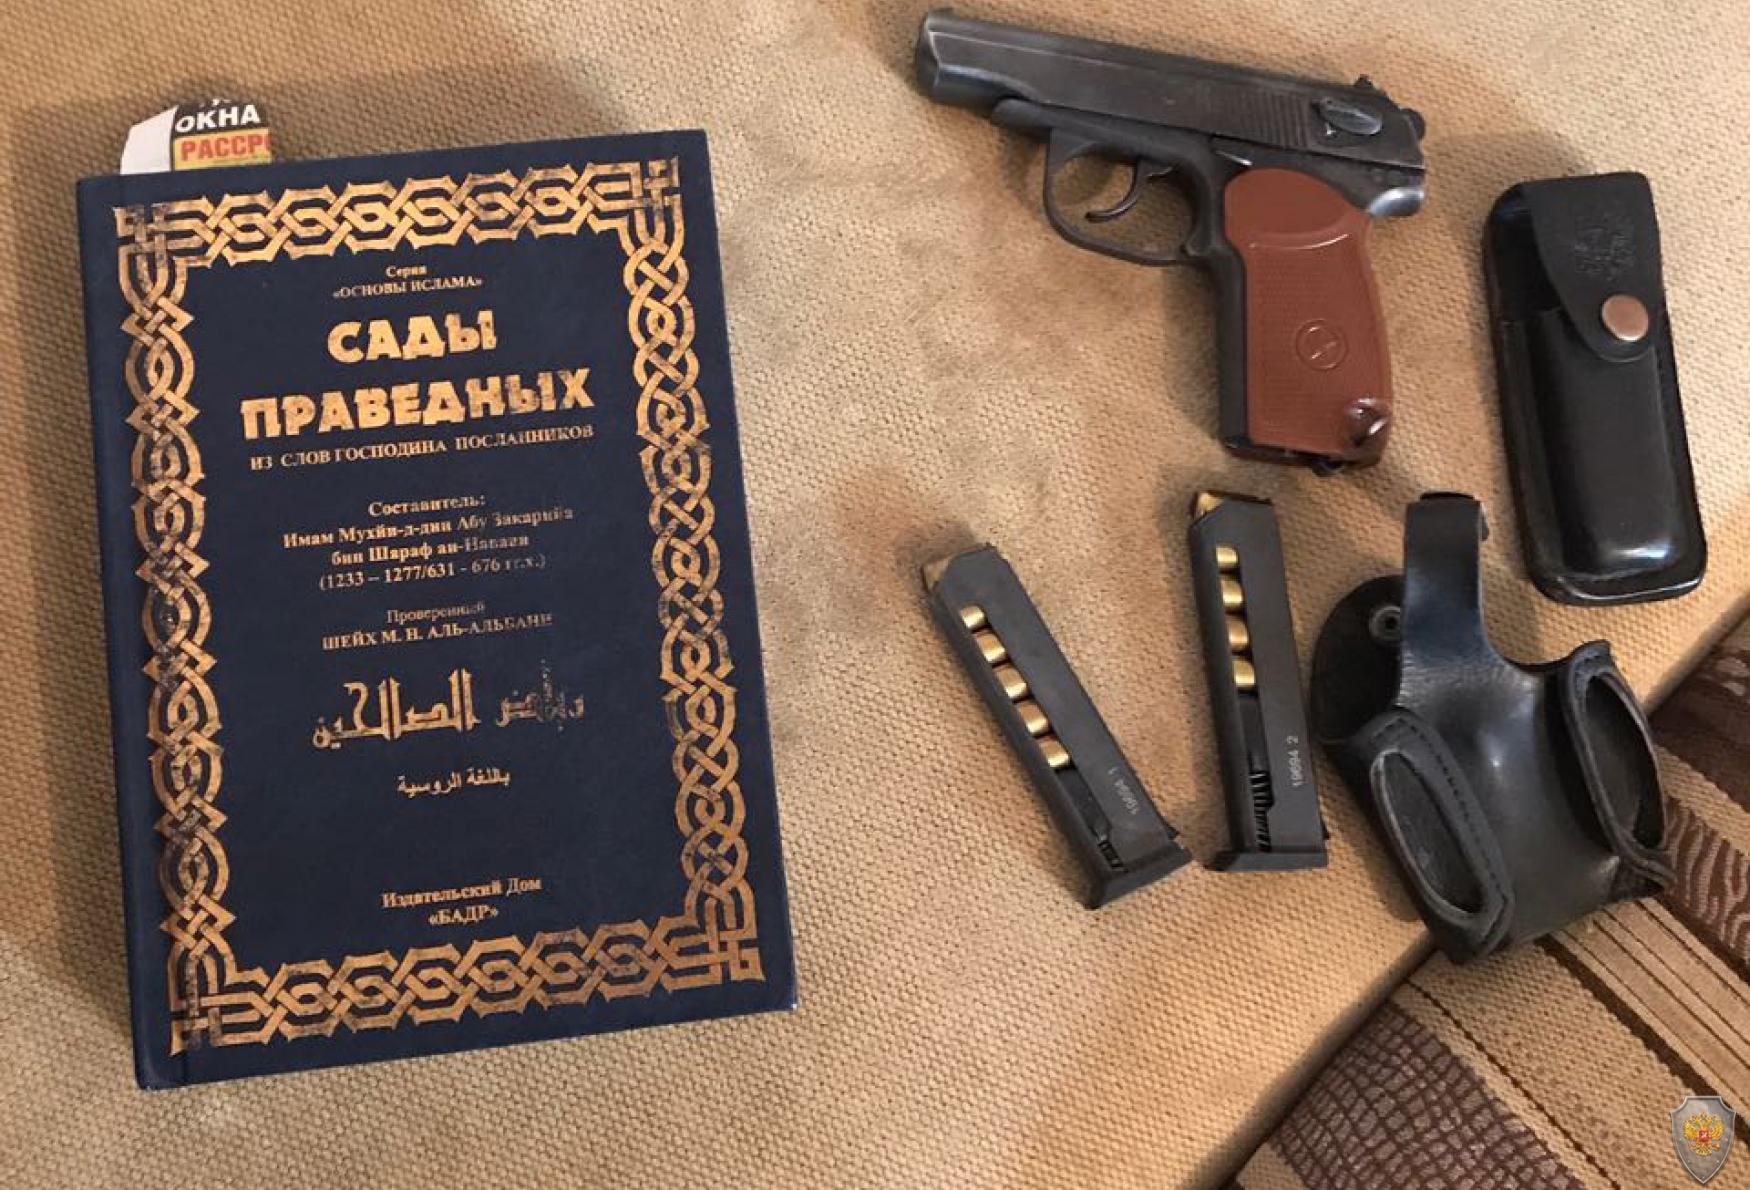 В Ставропольском крае нейтрализованы двое бандитов, оказавших вооруженное сопротивление, обезврежено СВУ